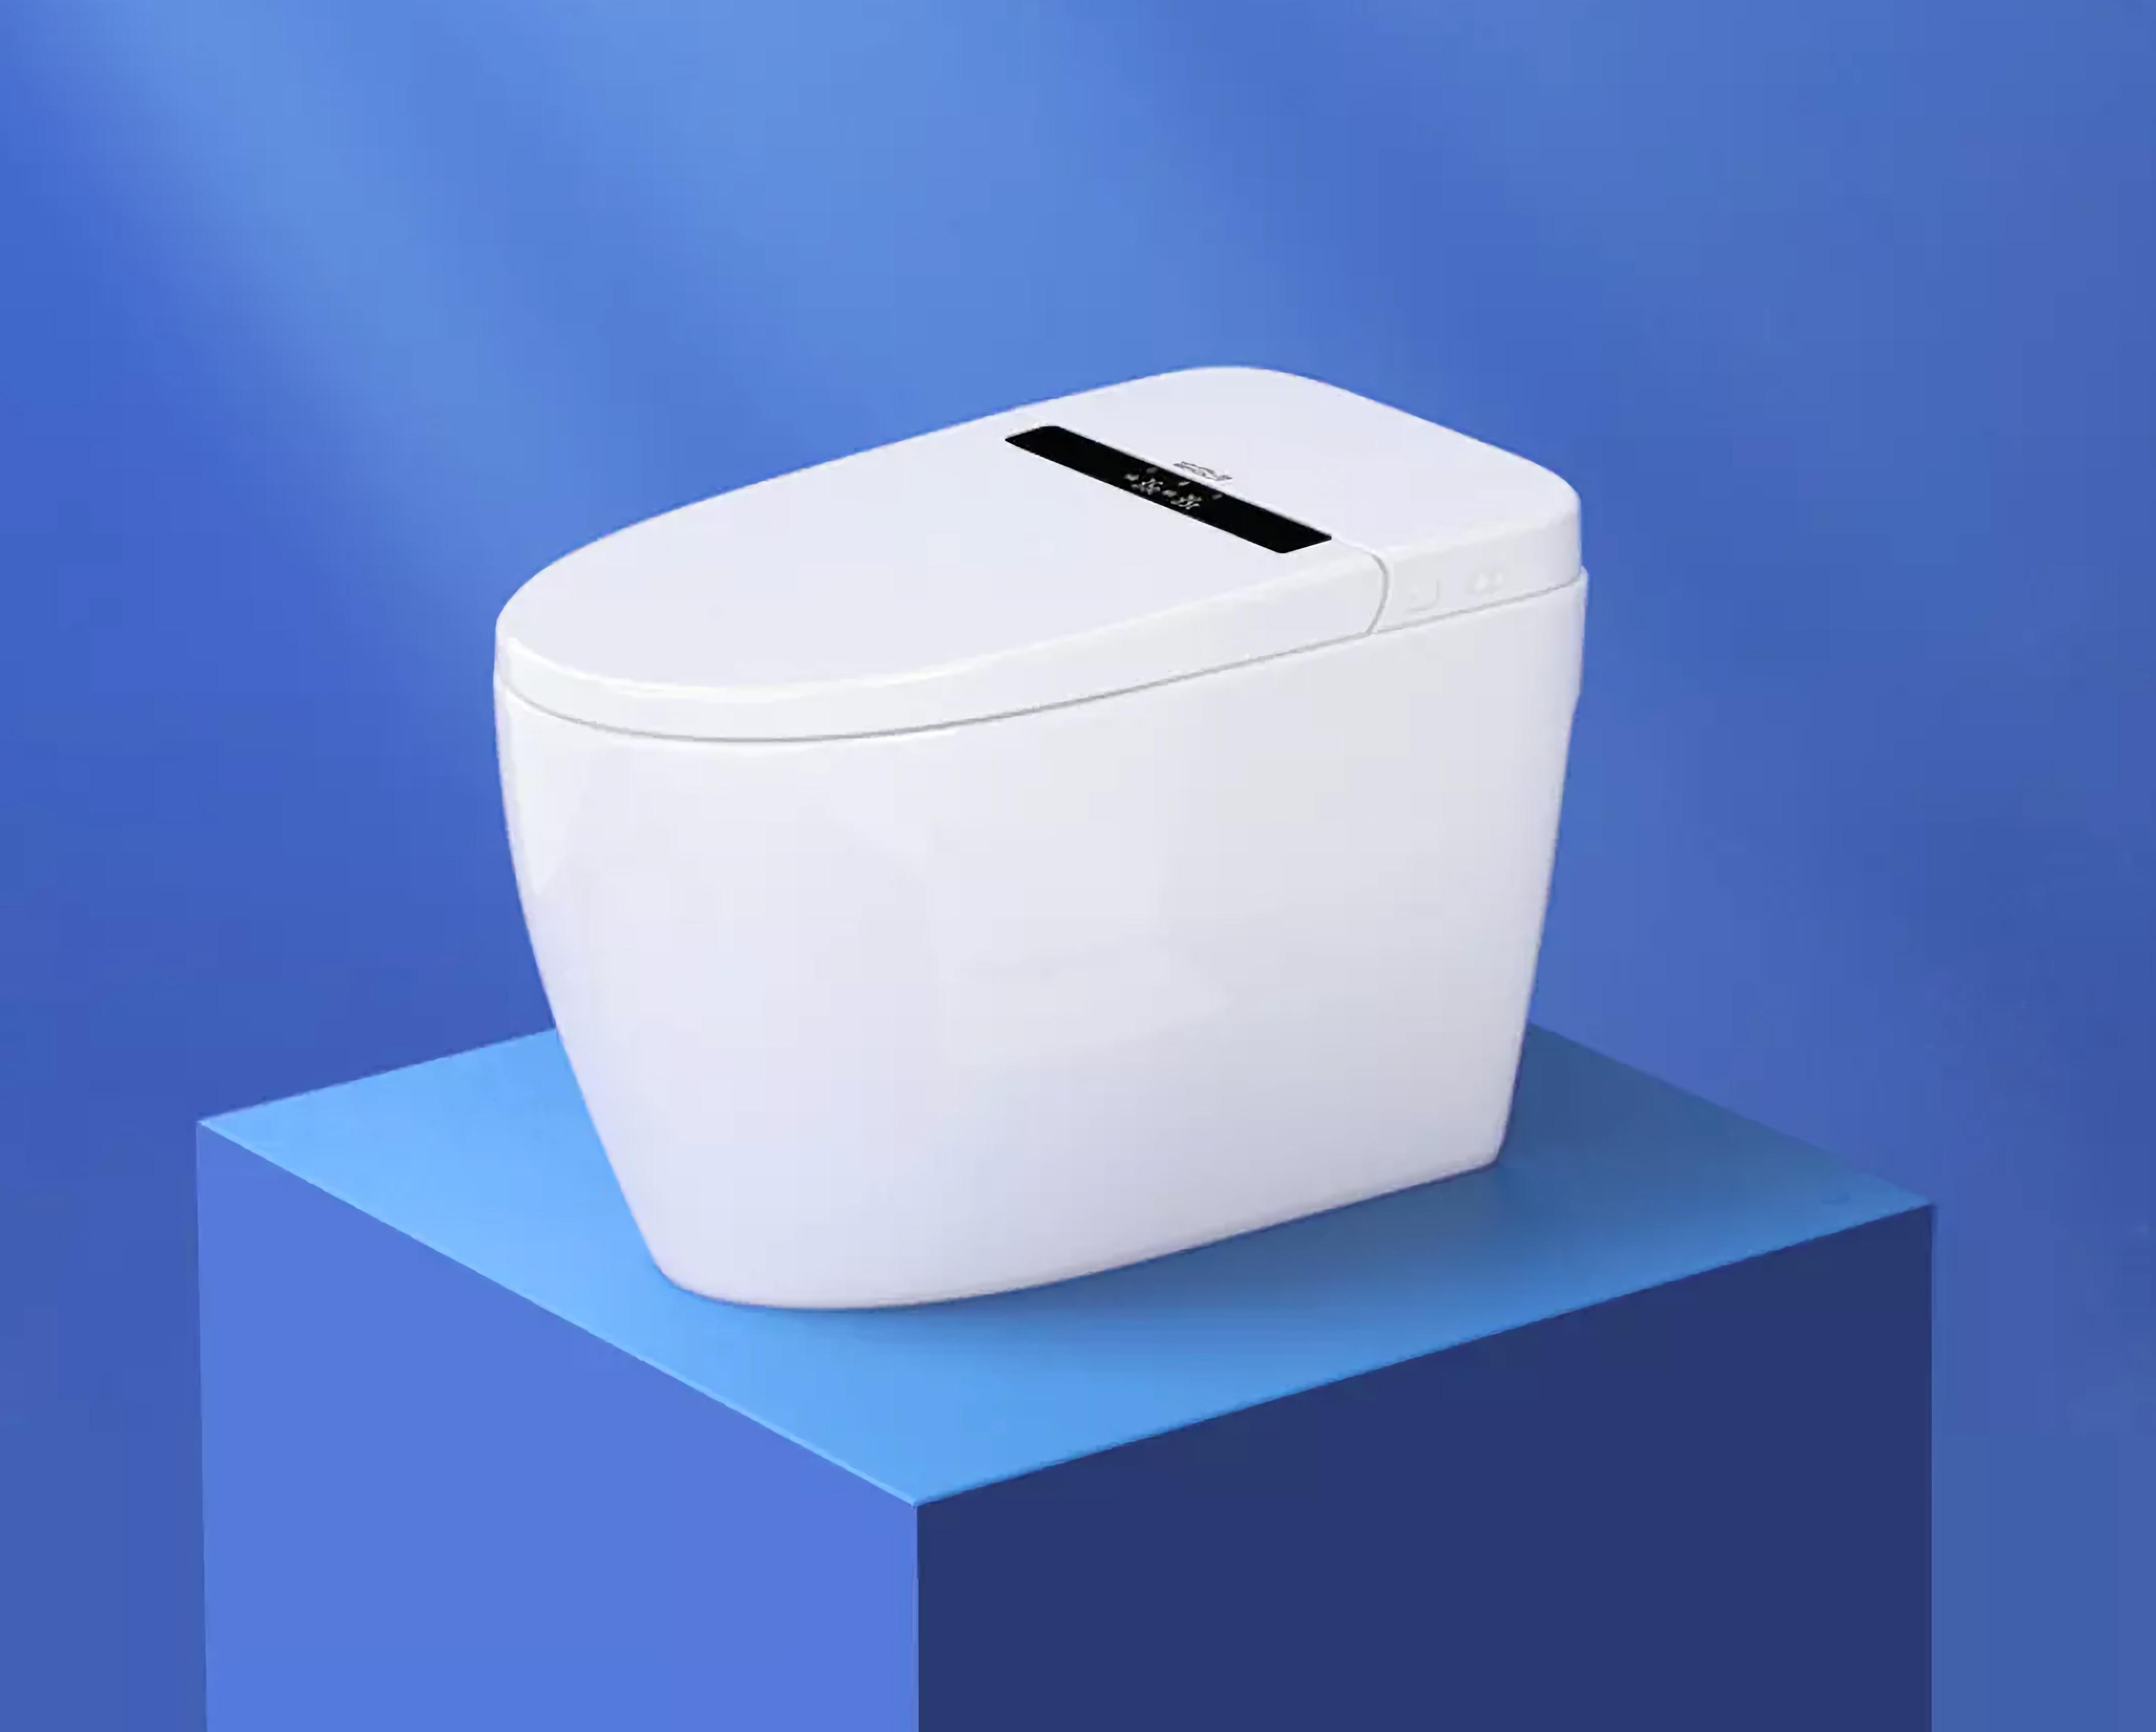 Xiaomi показала новый умный унитаз с функцией автоматического слива, беспроводным пультом управления и ценником от $162